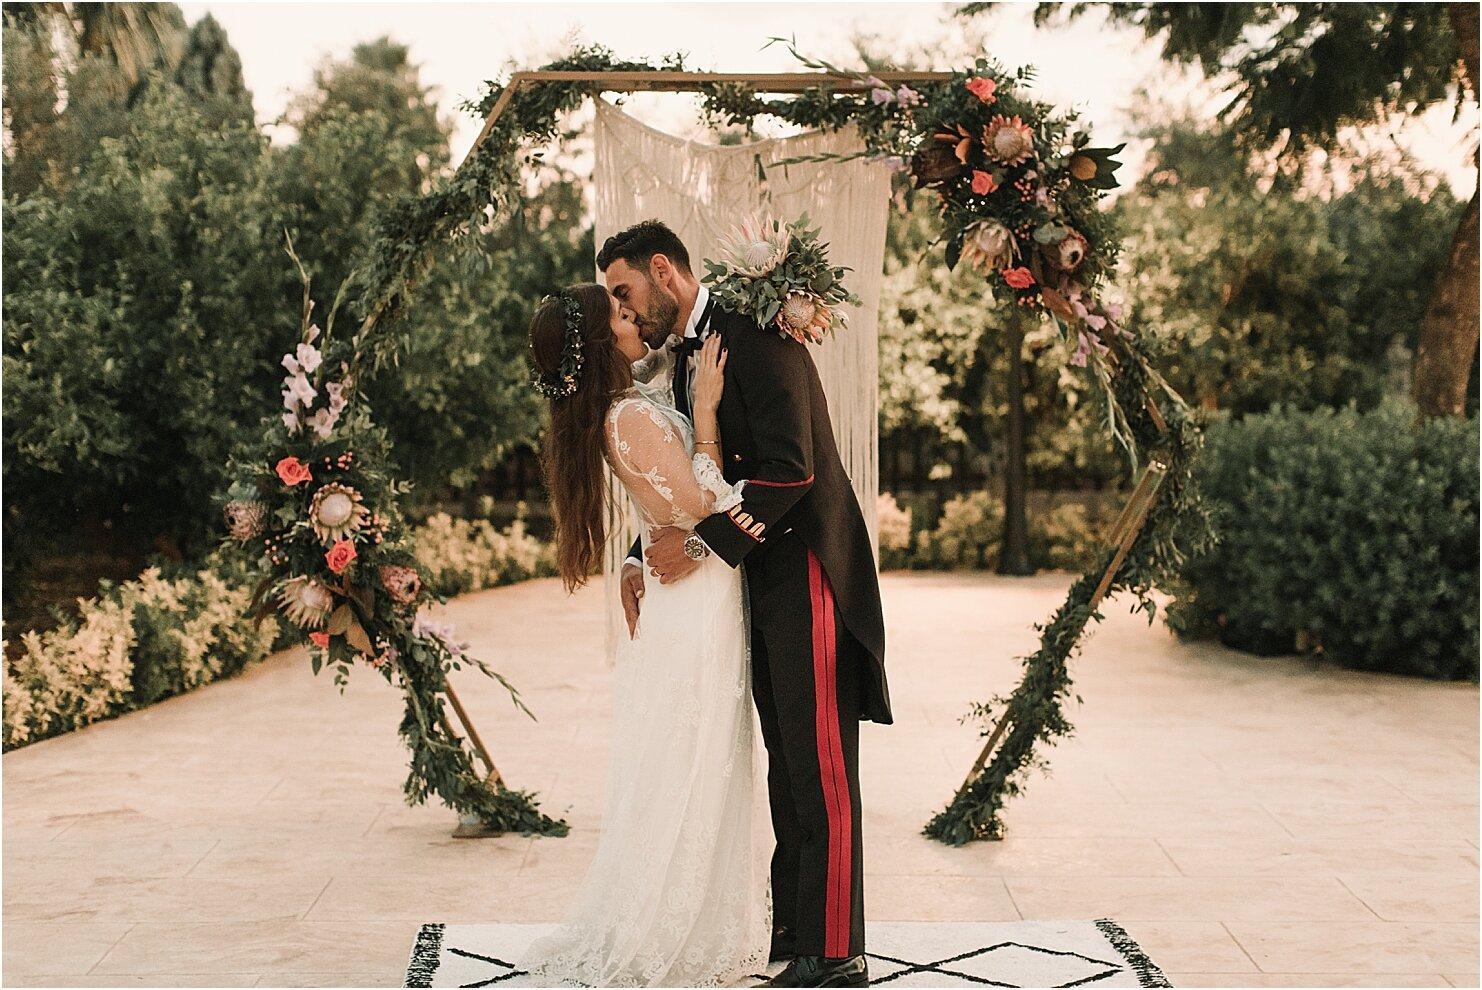 boda-romantica-boda-boho-vestido-de-novia-laura-lomas47.jpg